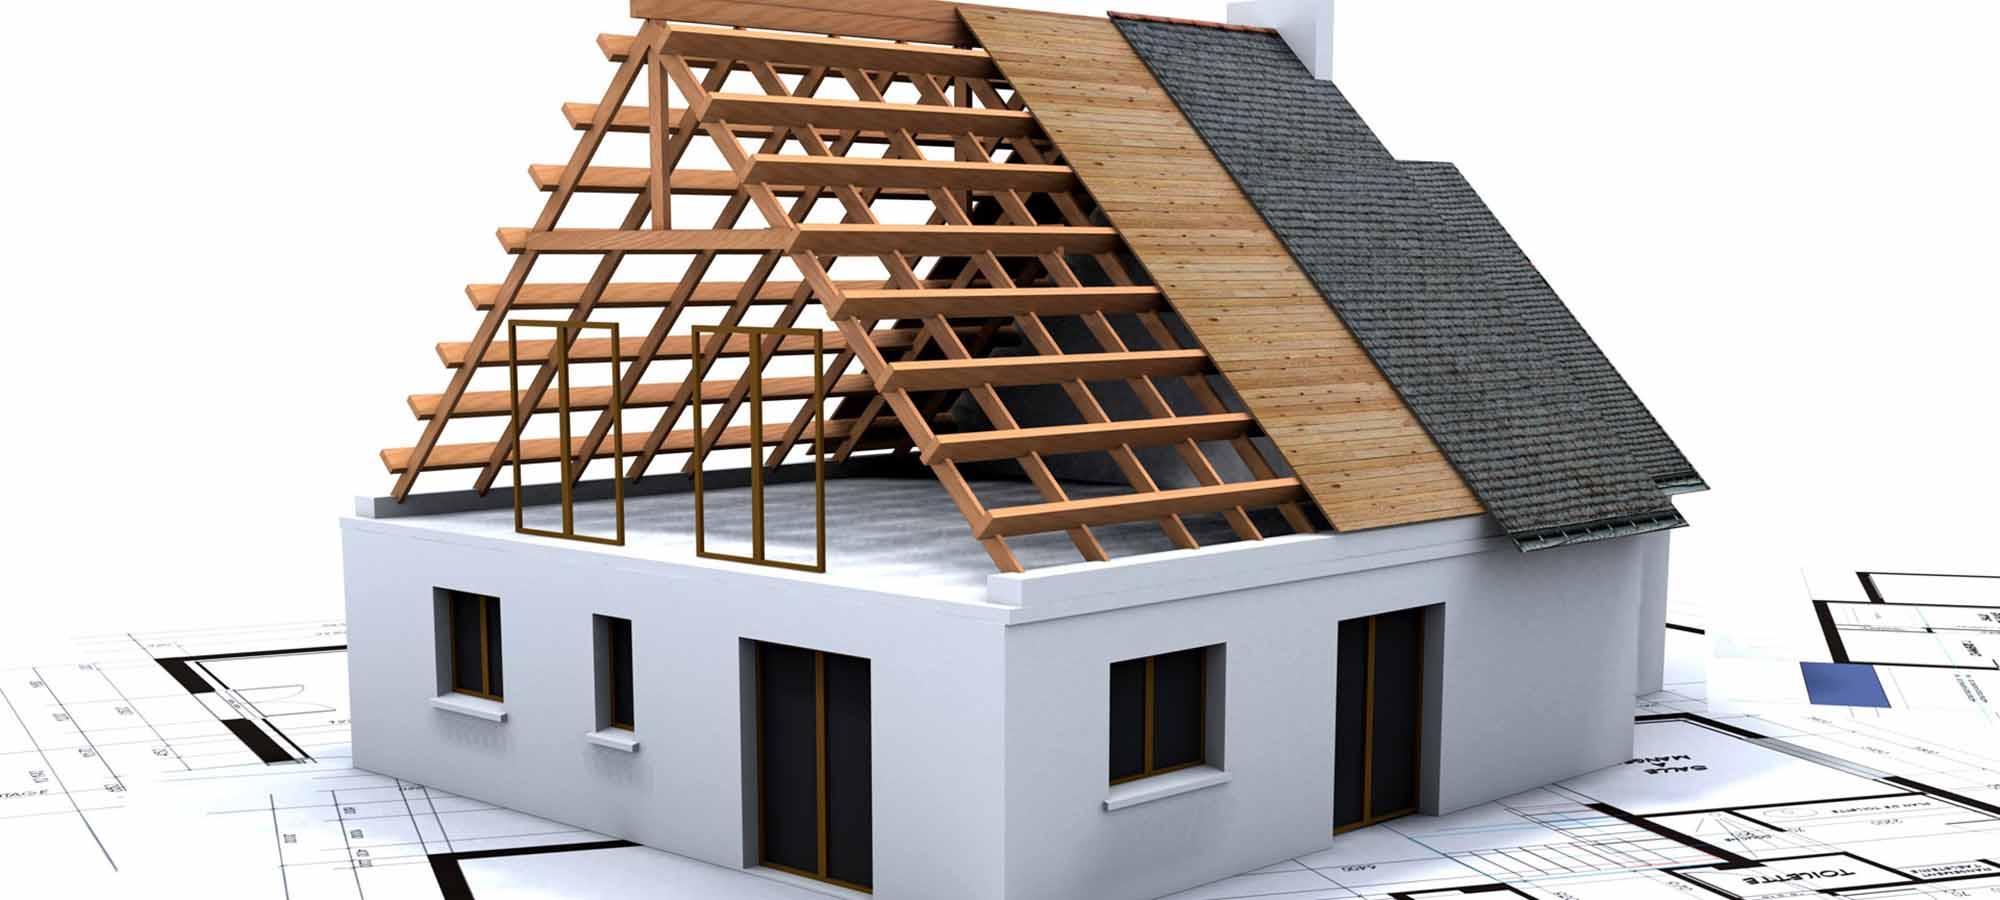 Производство оборудования для изготовления строительных материалов